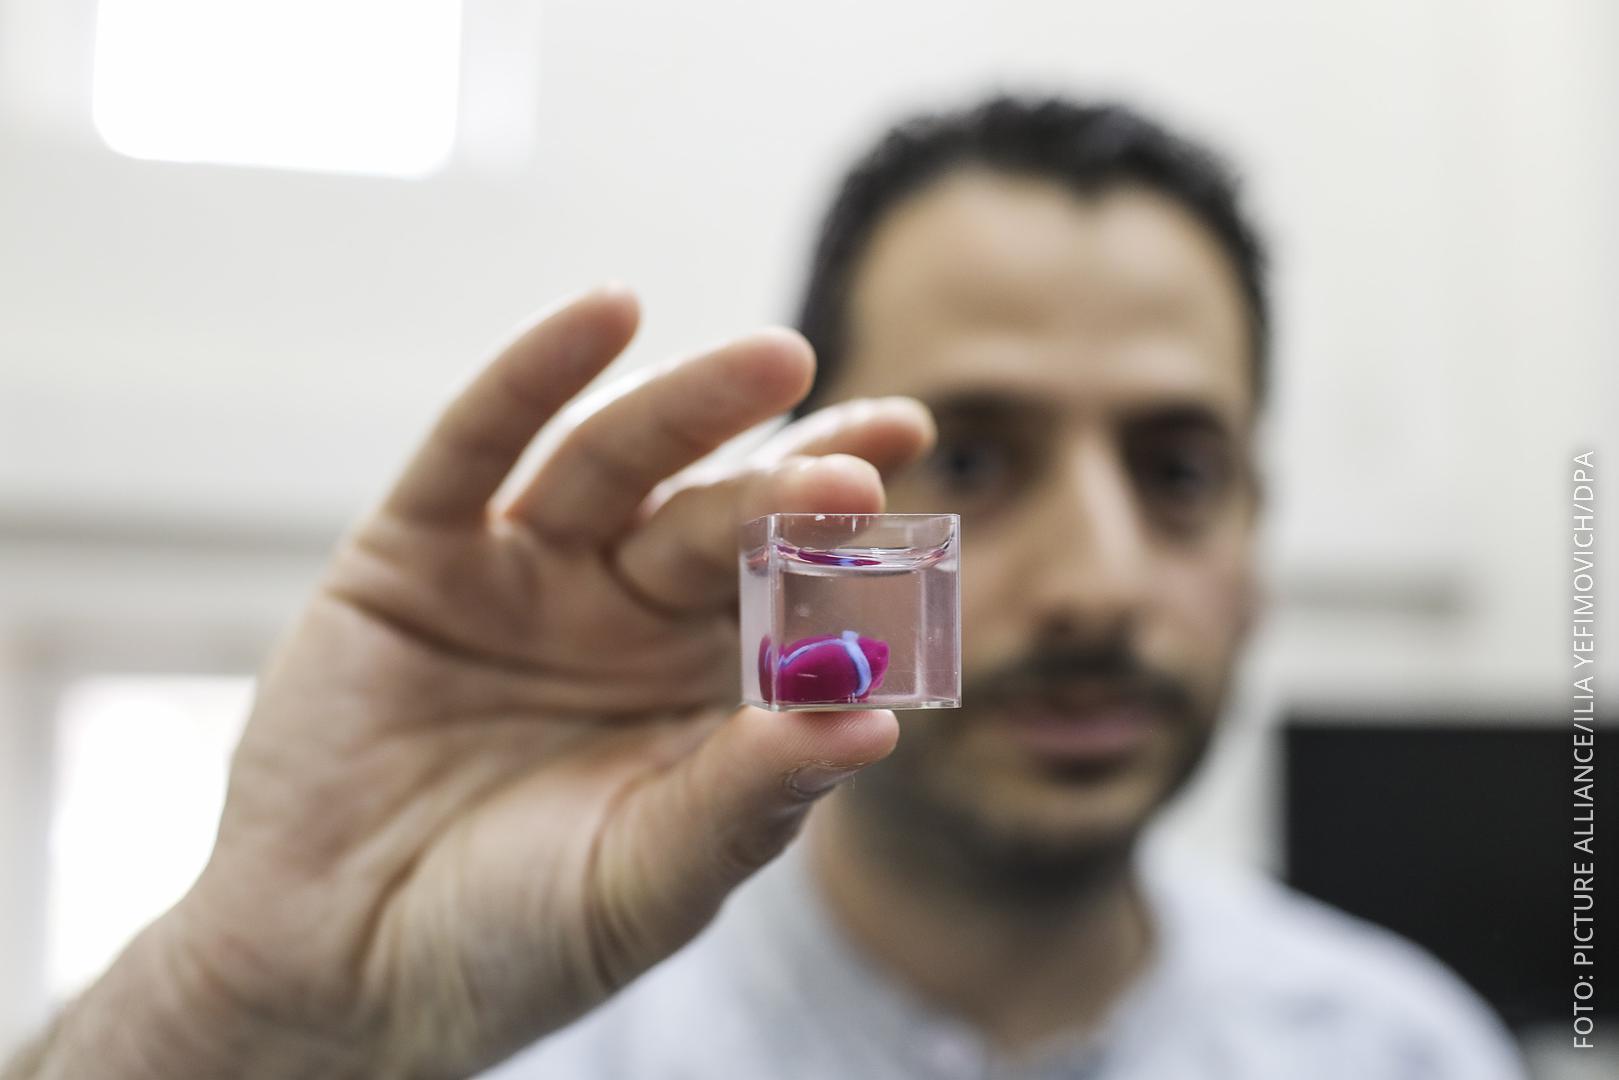 Forscher hält das winzige gedruckte Herz in die Kamera